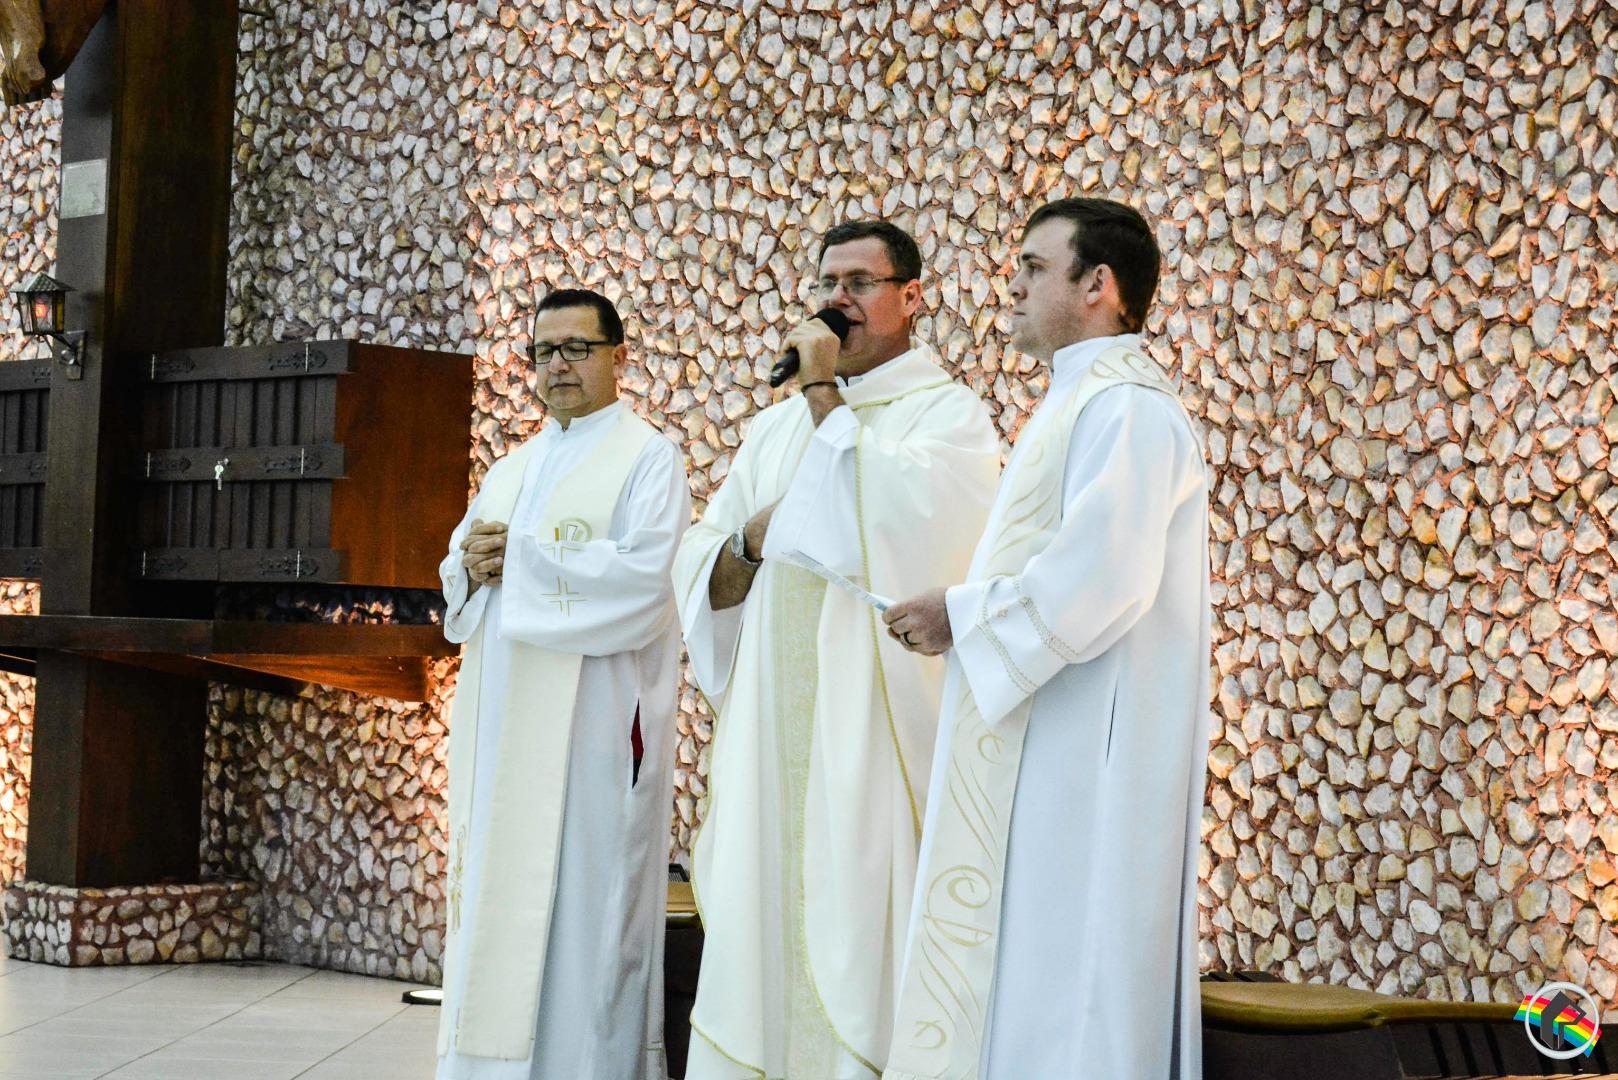 Igreja Matriz São Miguel Arcanjo acolhe símbolos vocacionais